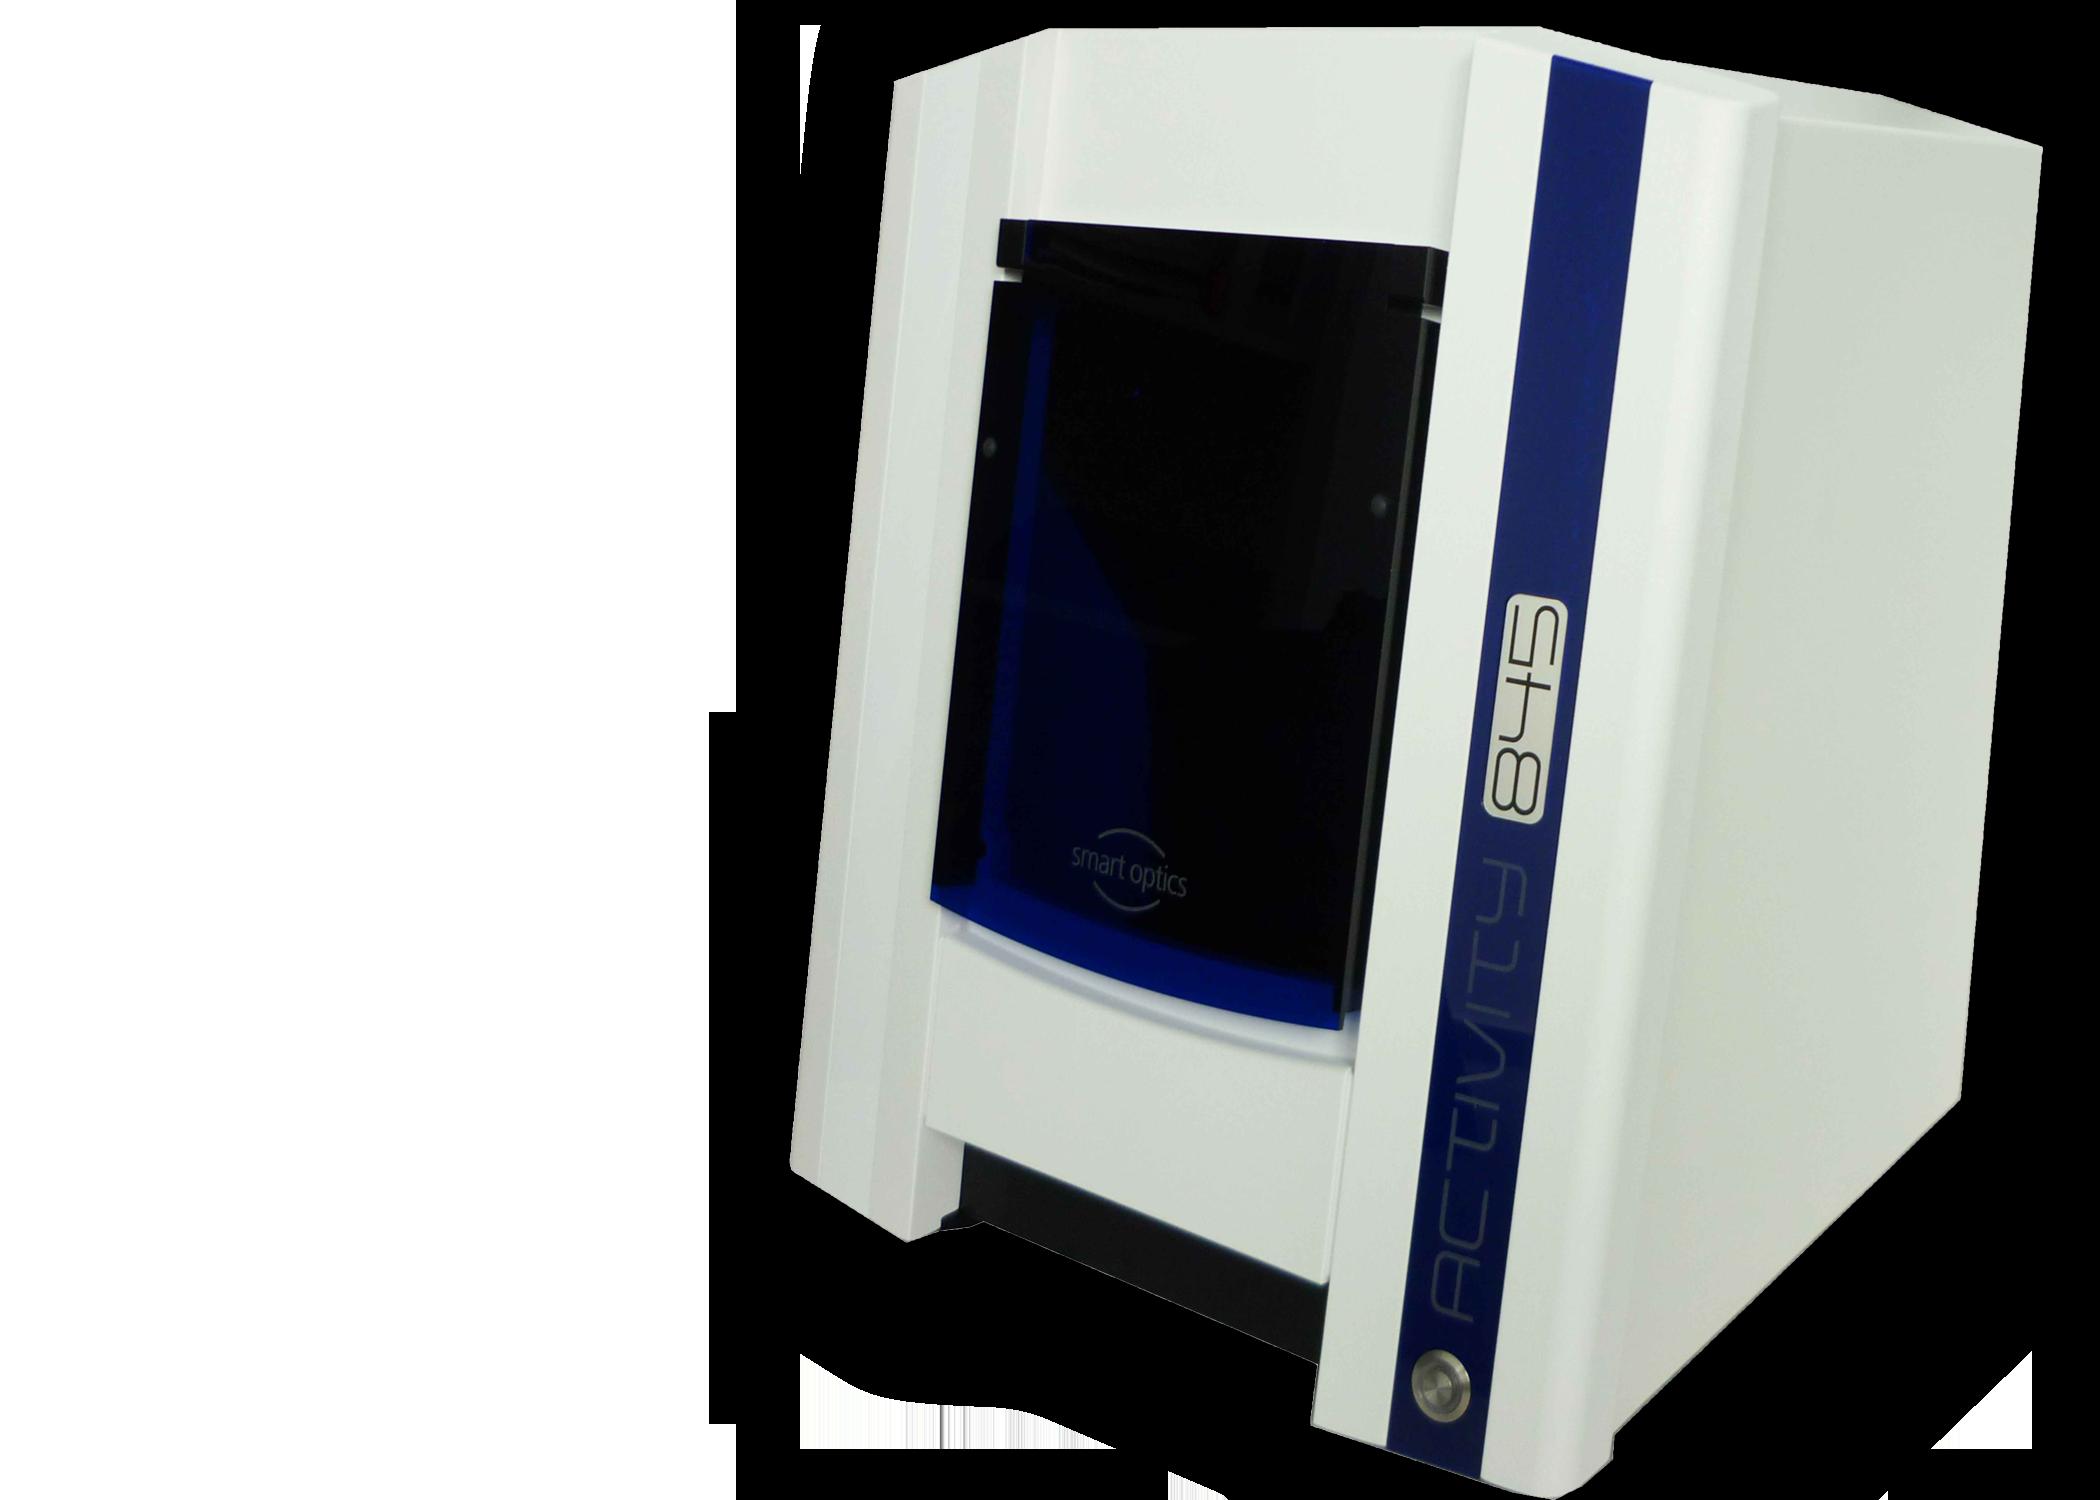 οδοντοτεχνογνωσία scanner cad cam